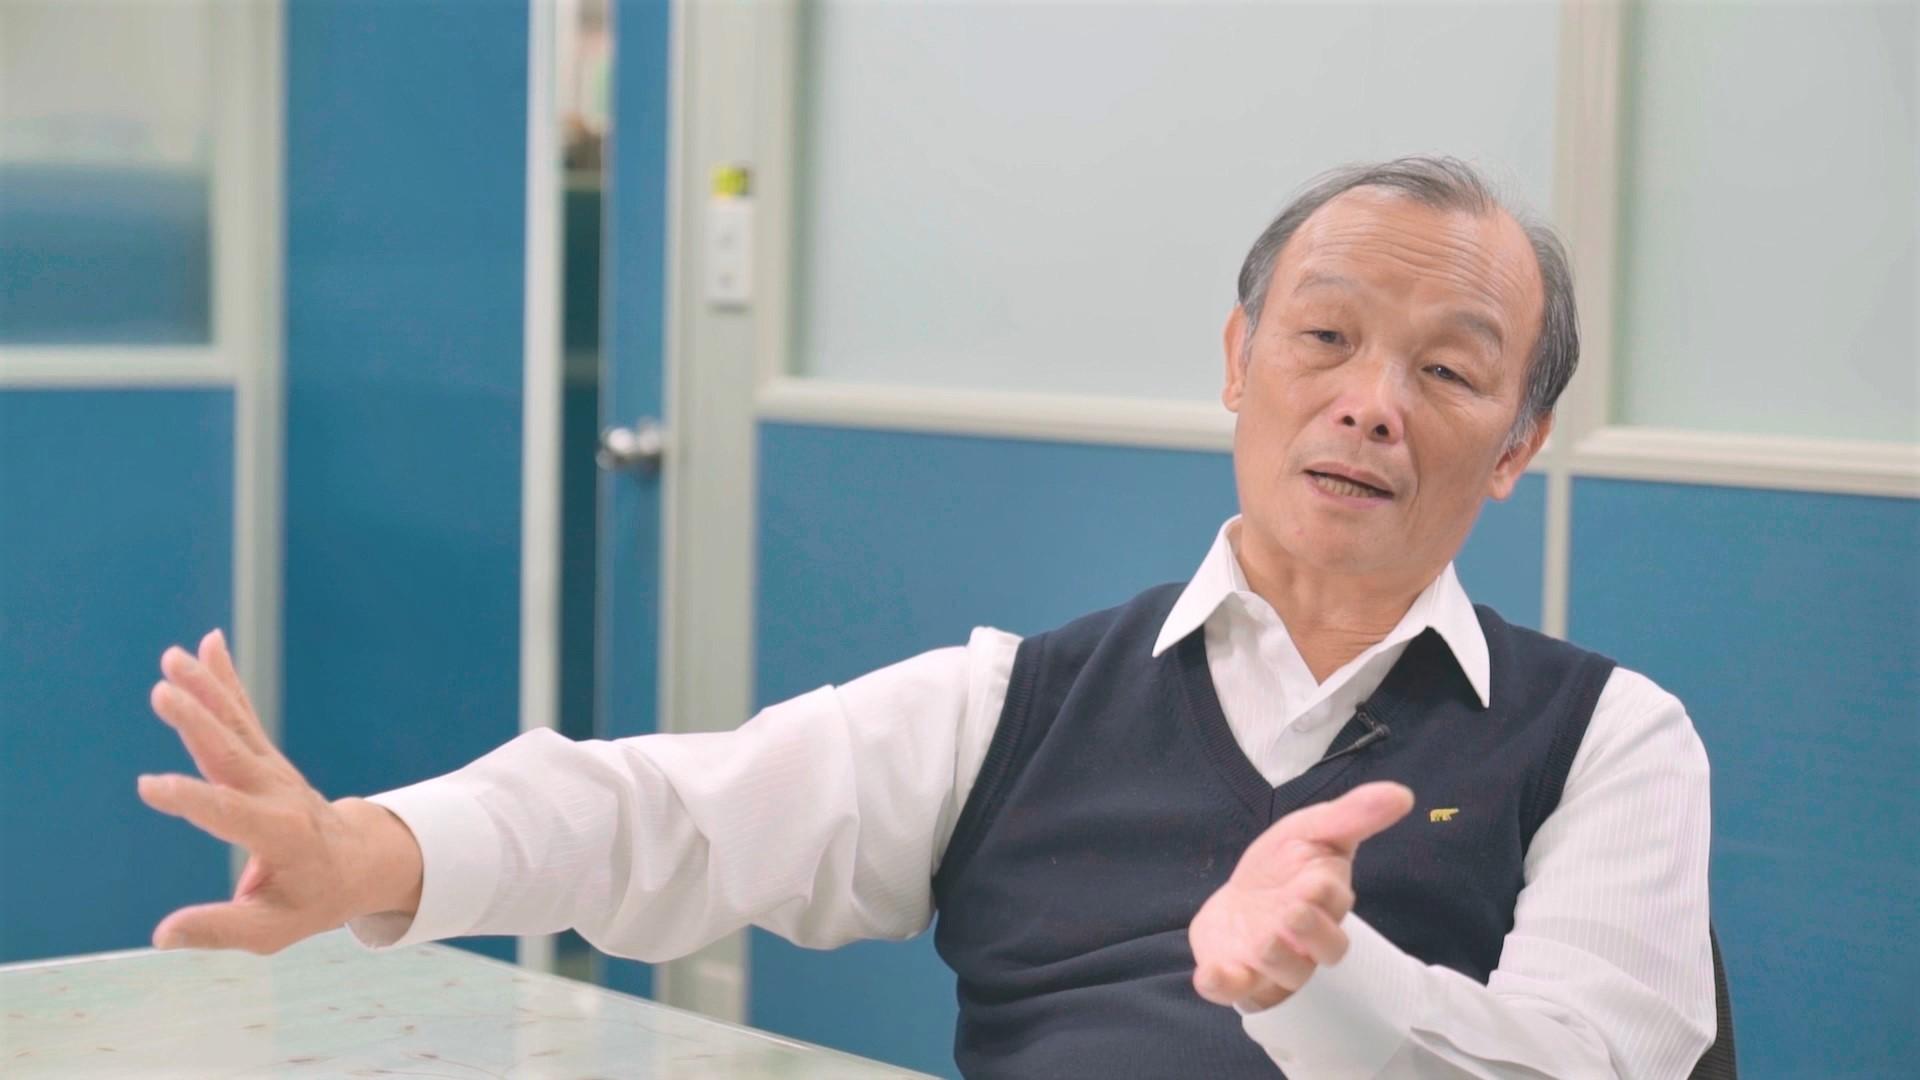 台灣紡織界權威老將、經濟部工業局民生化工組組長洪輝嵩